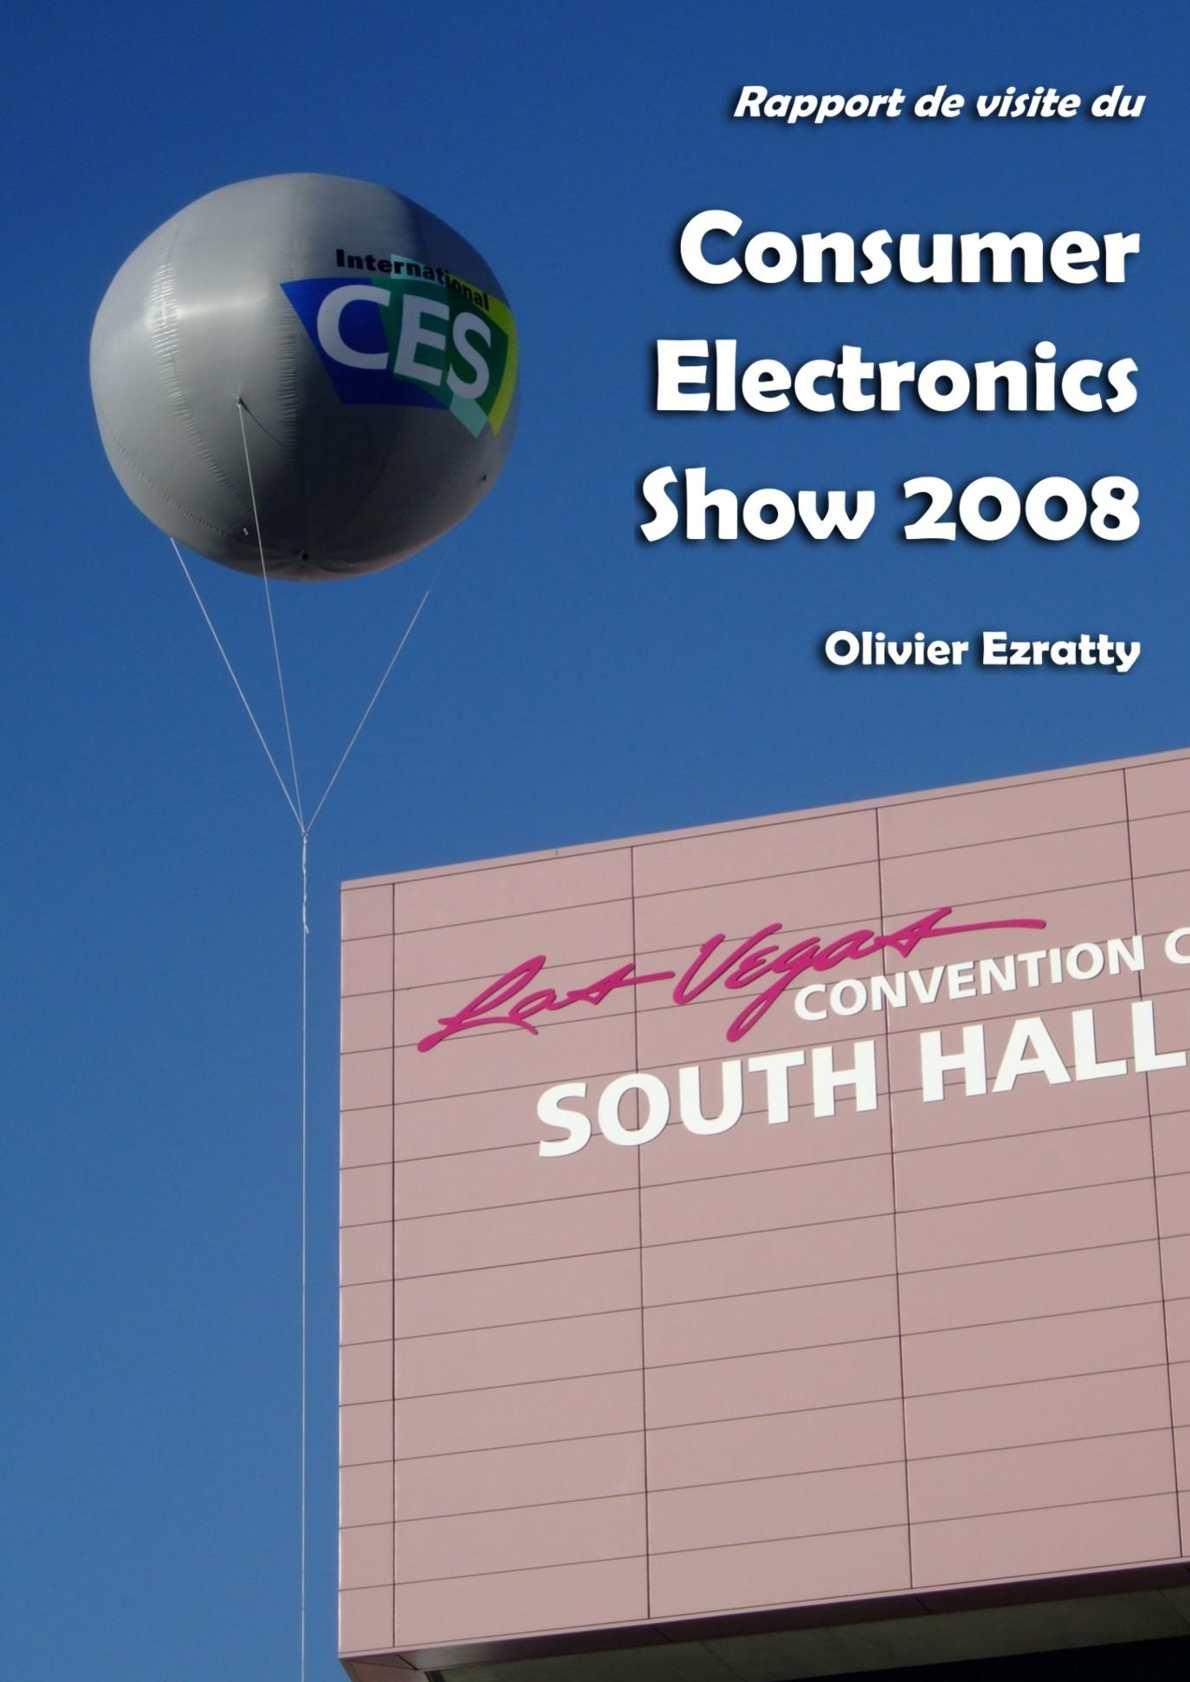 Report Calaméo Show 2008 Consumer Electronics uXPZTOki